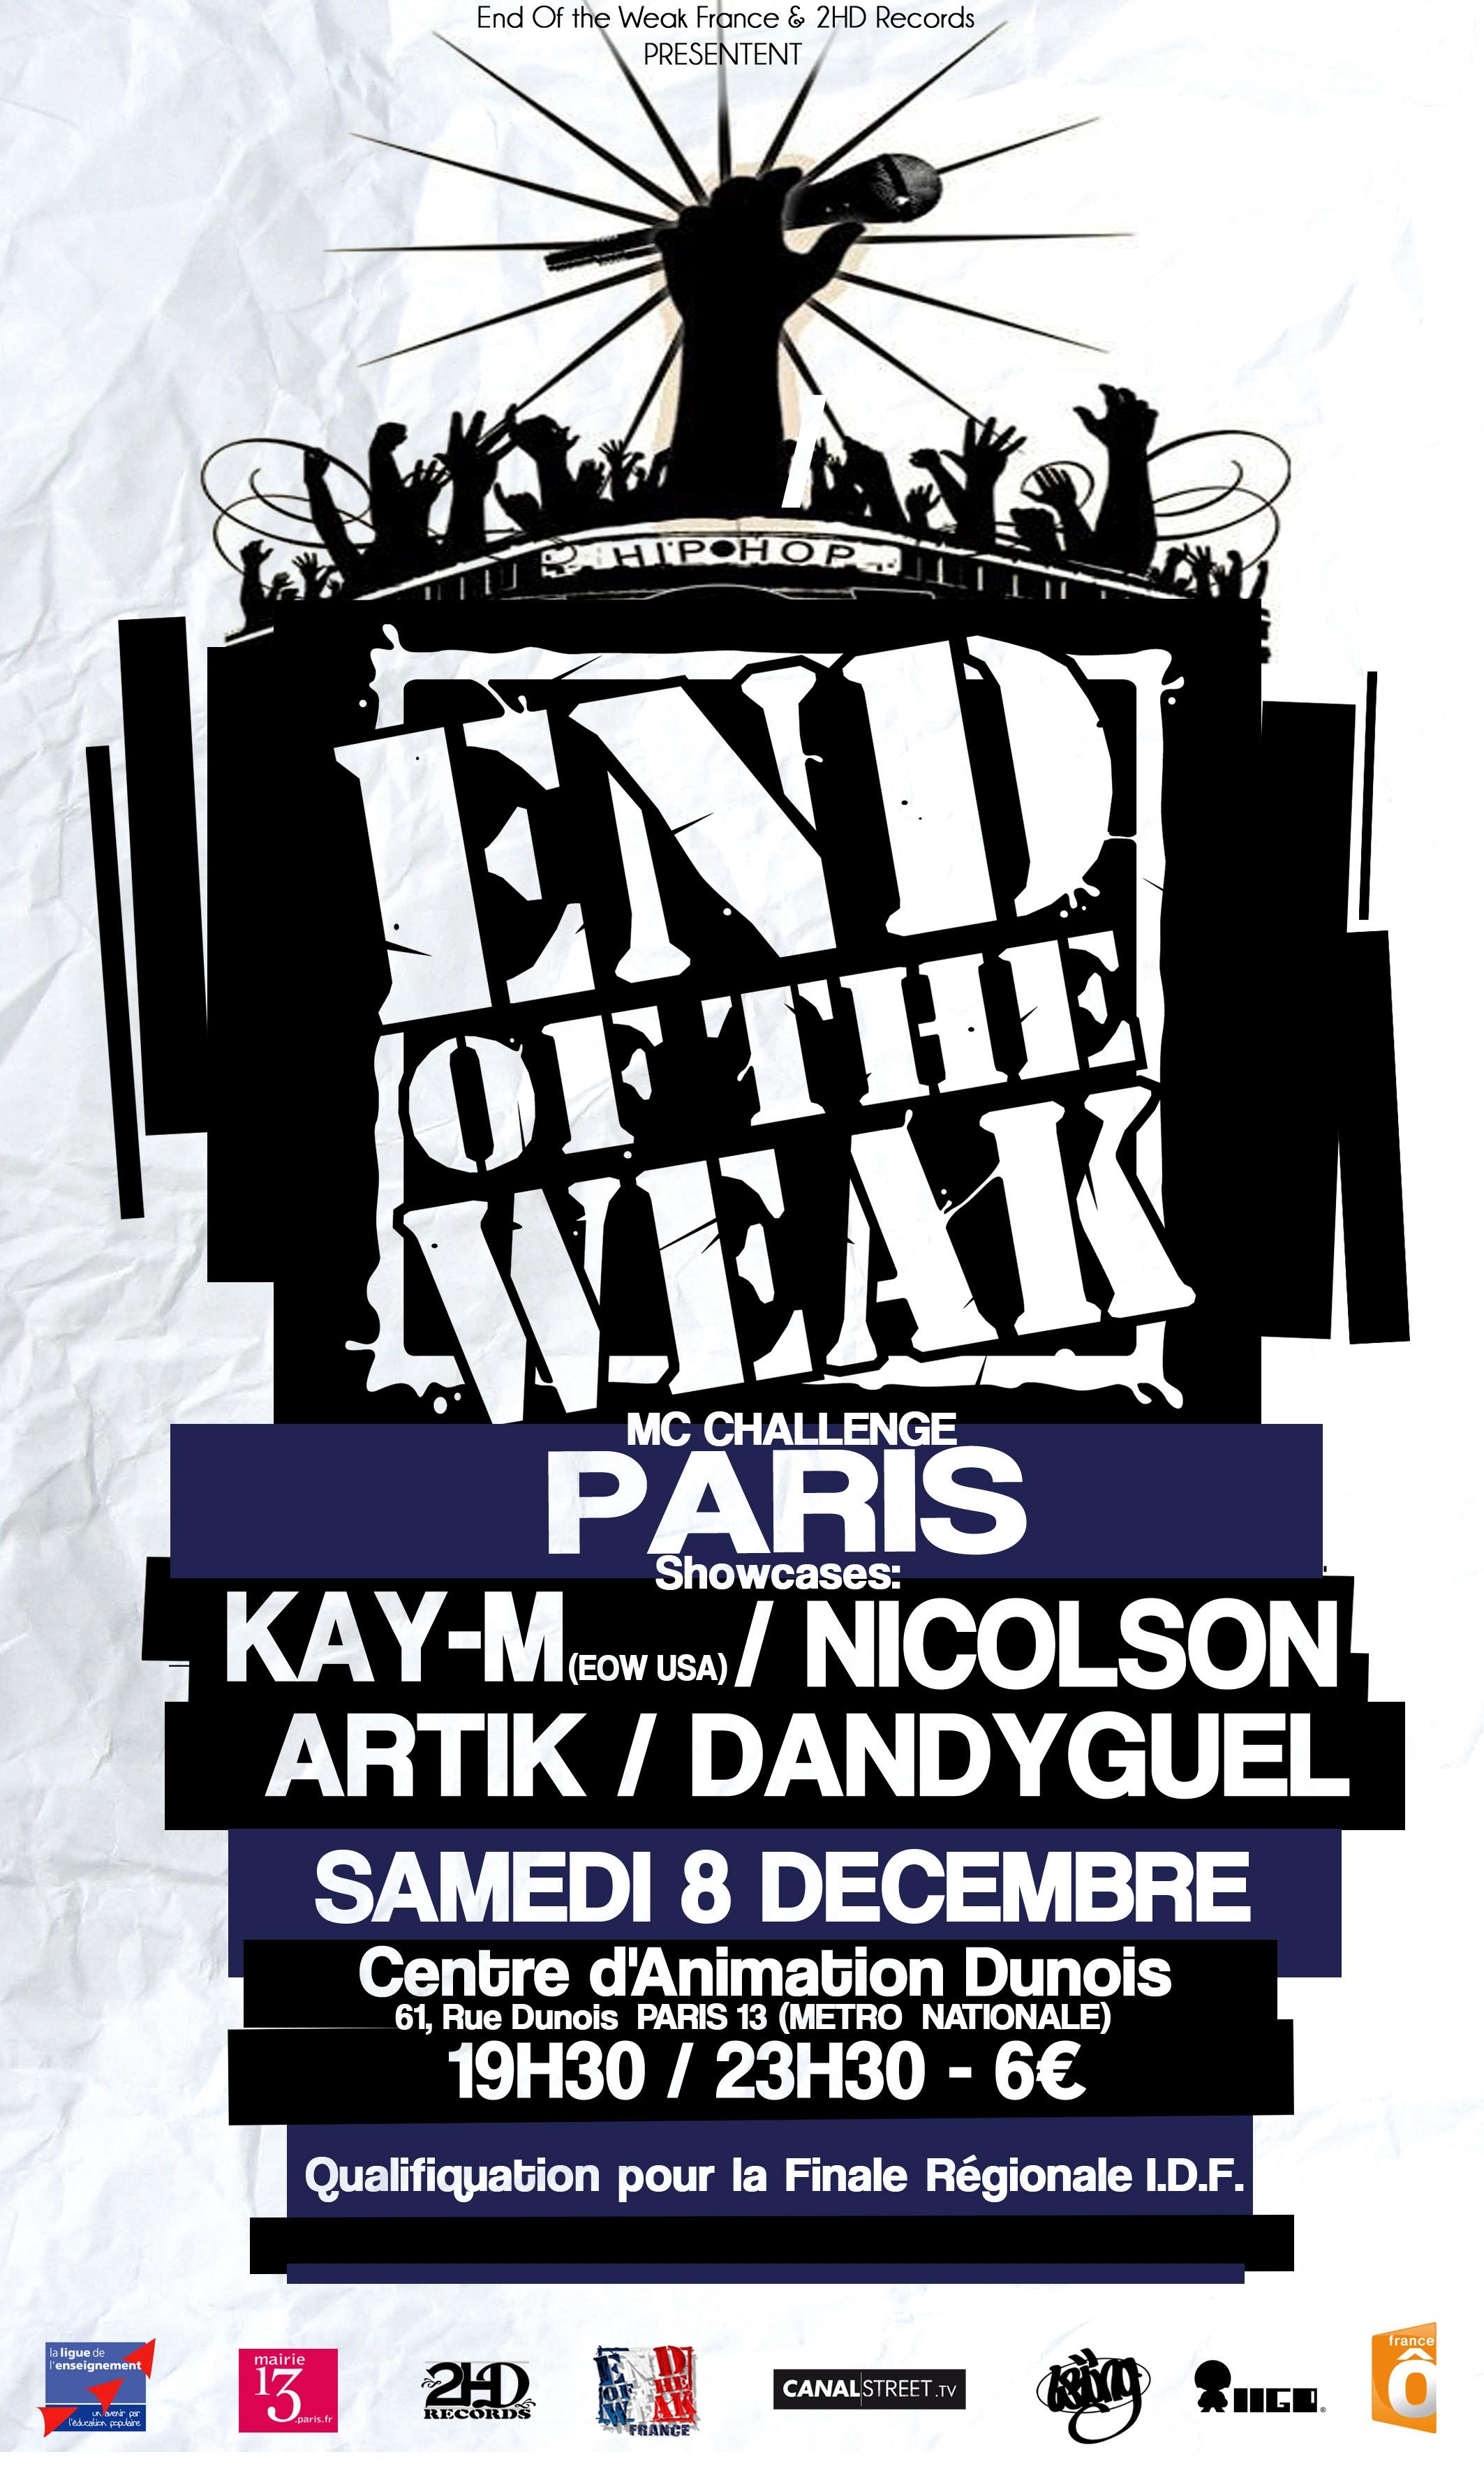 EOW Paris 2